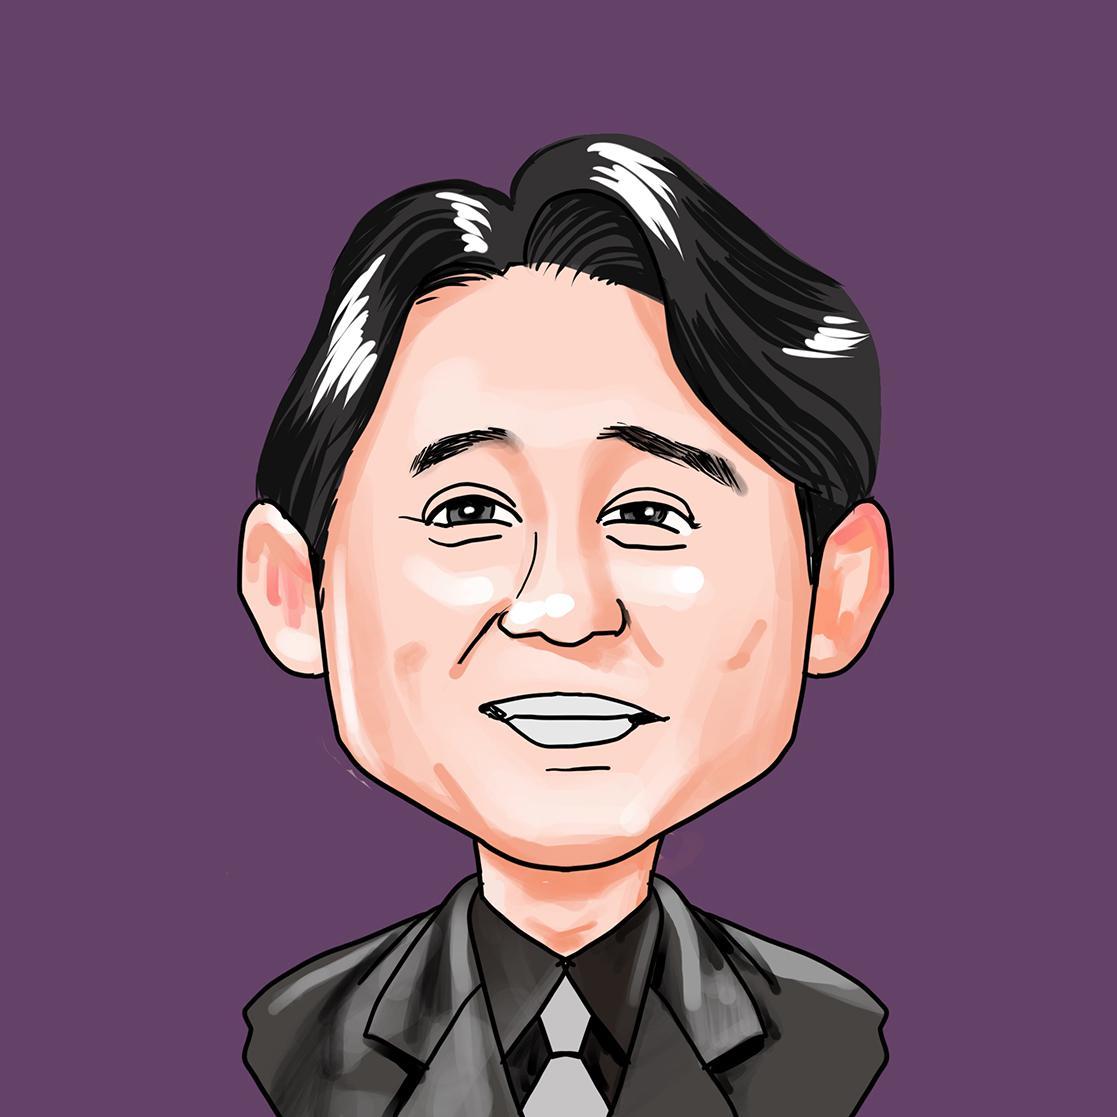 ポップな似顔絵★最短3日で制作します SNSアイコン、名刺に個性を。商用利用可。